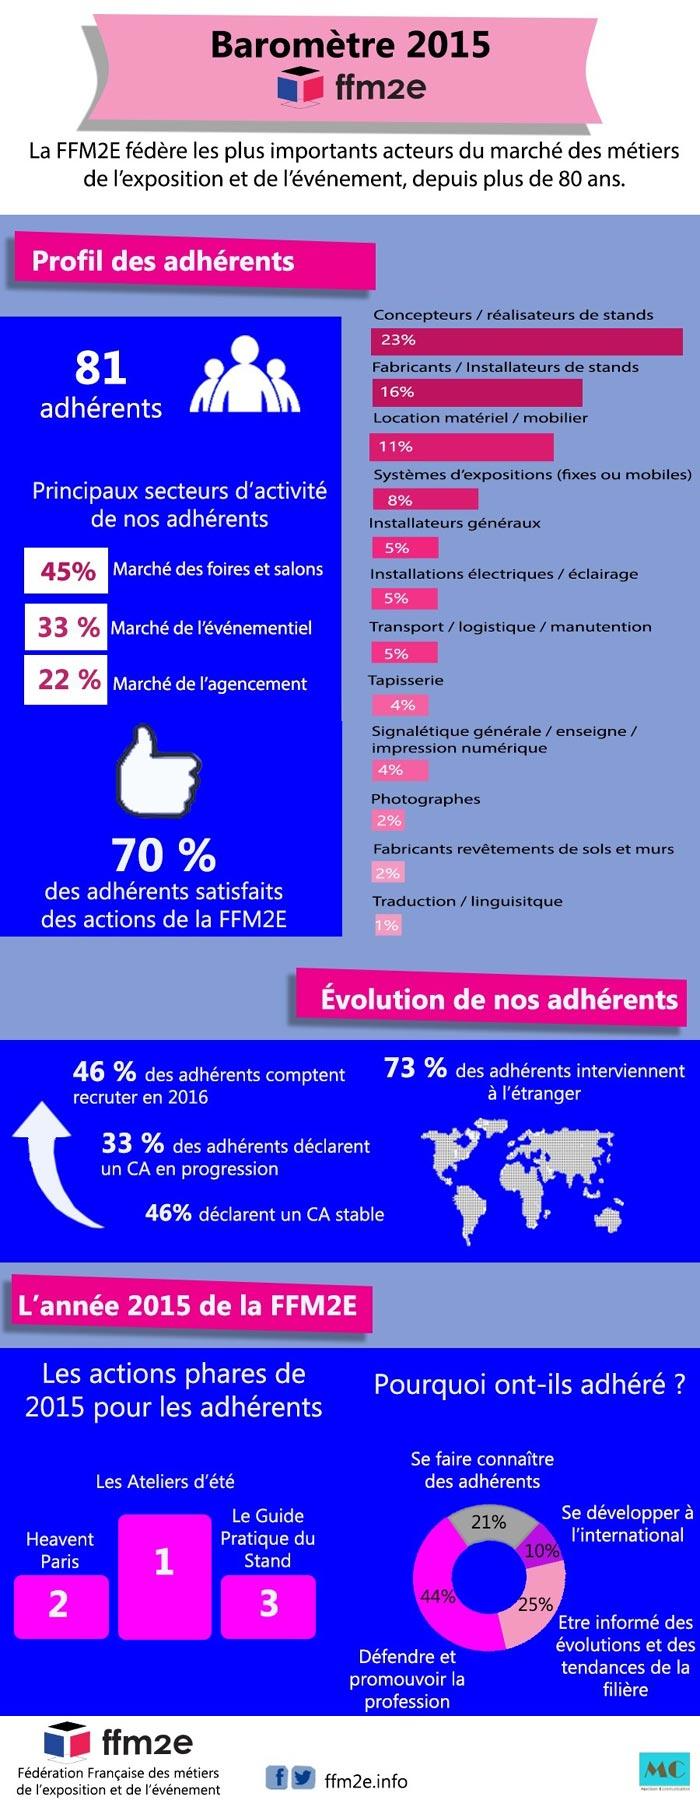 infographie FFM2E 2015